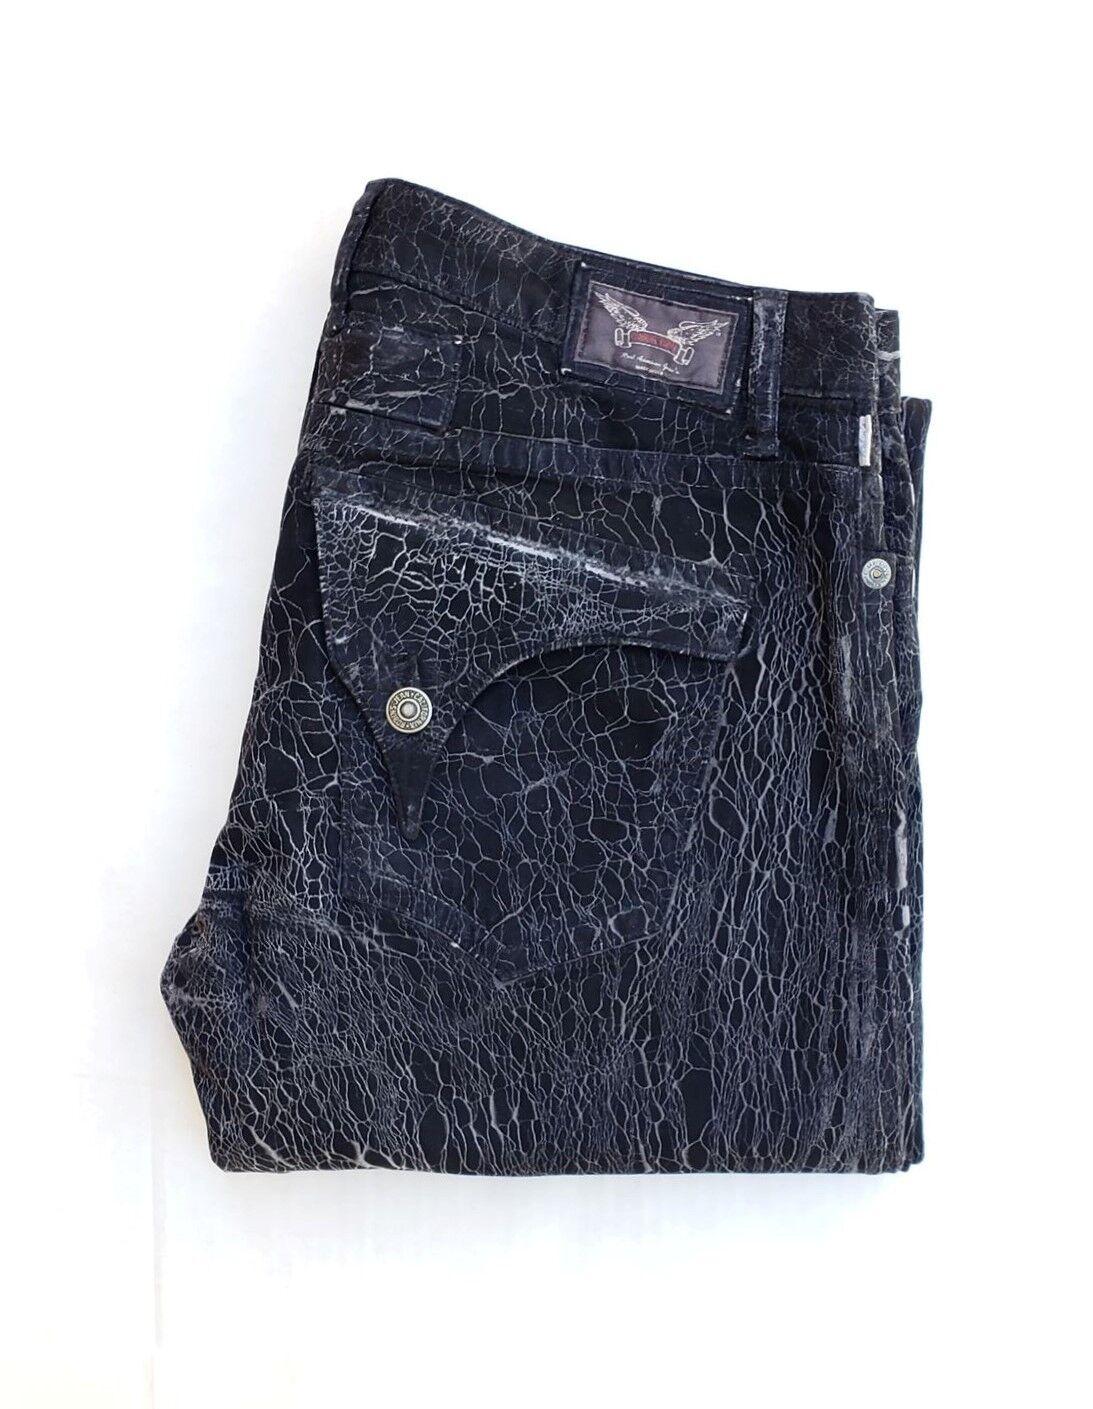 Neu Herren ROTKEHLCHEN Jeans Größe 38 Gerades Bein -schwarz Knisternde Waschen